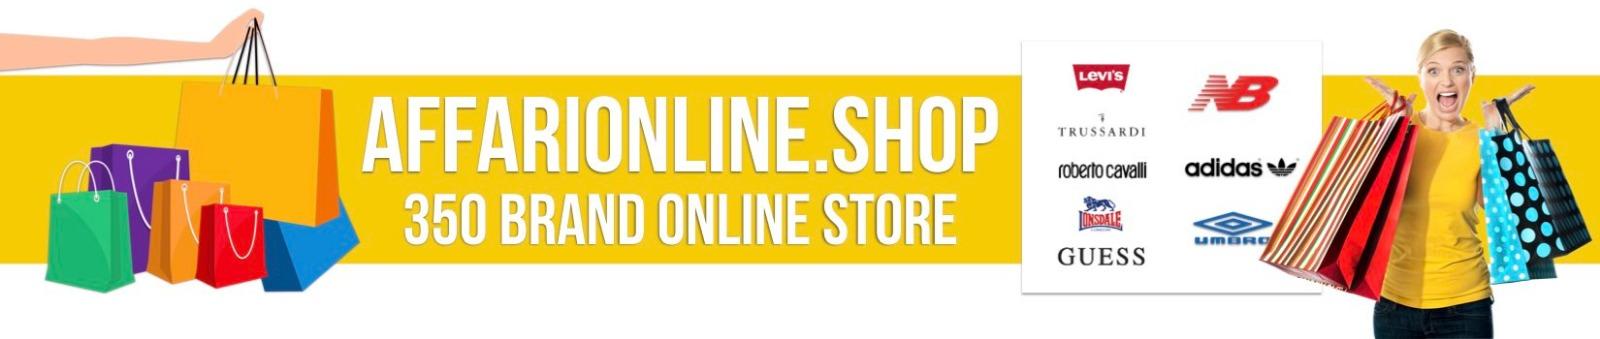 Affari Online Shop di Paomica srl